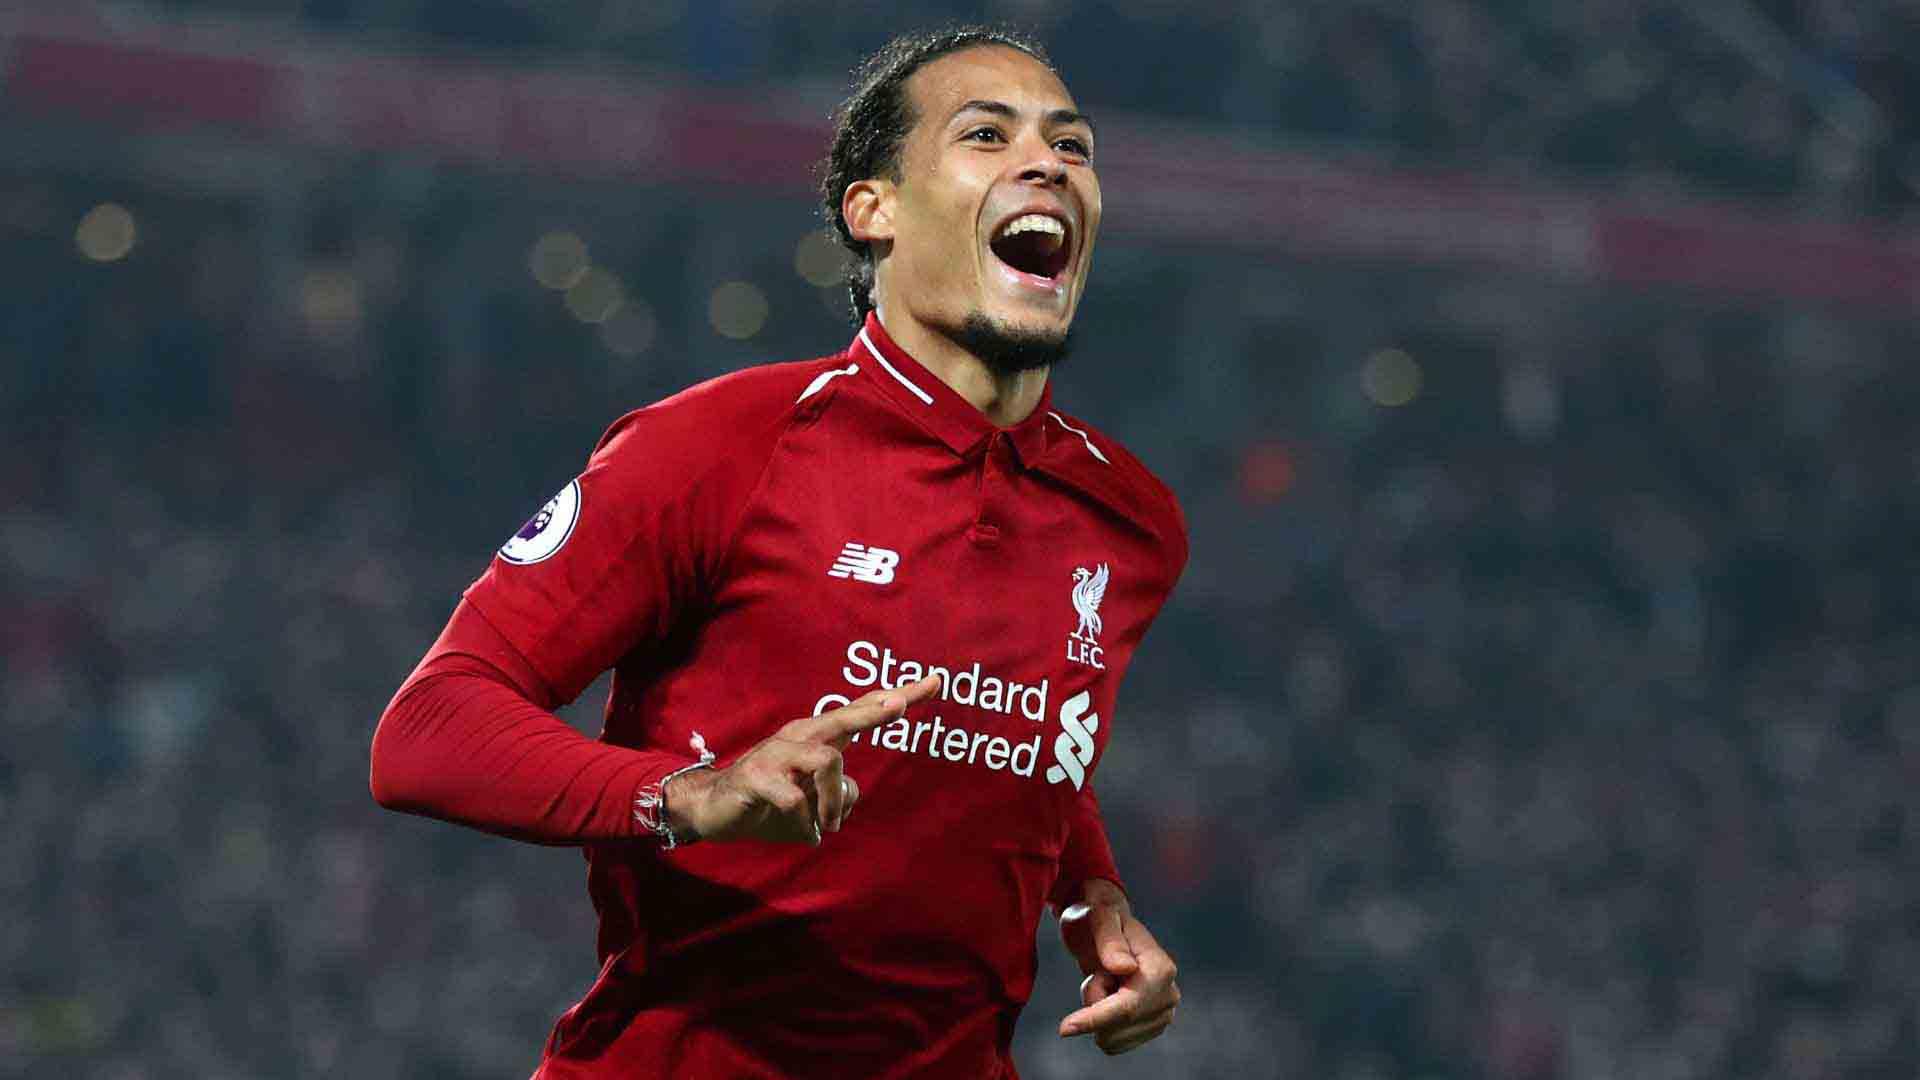 Virgil-van-Dijk-Liverpool-2